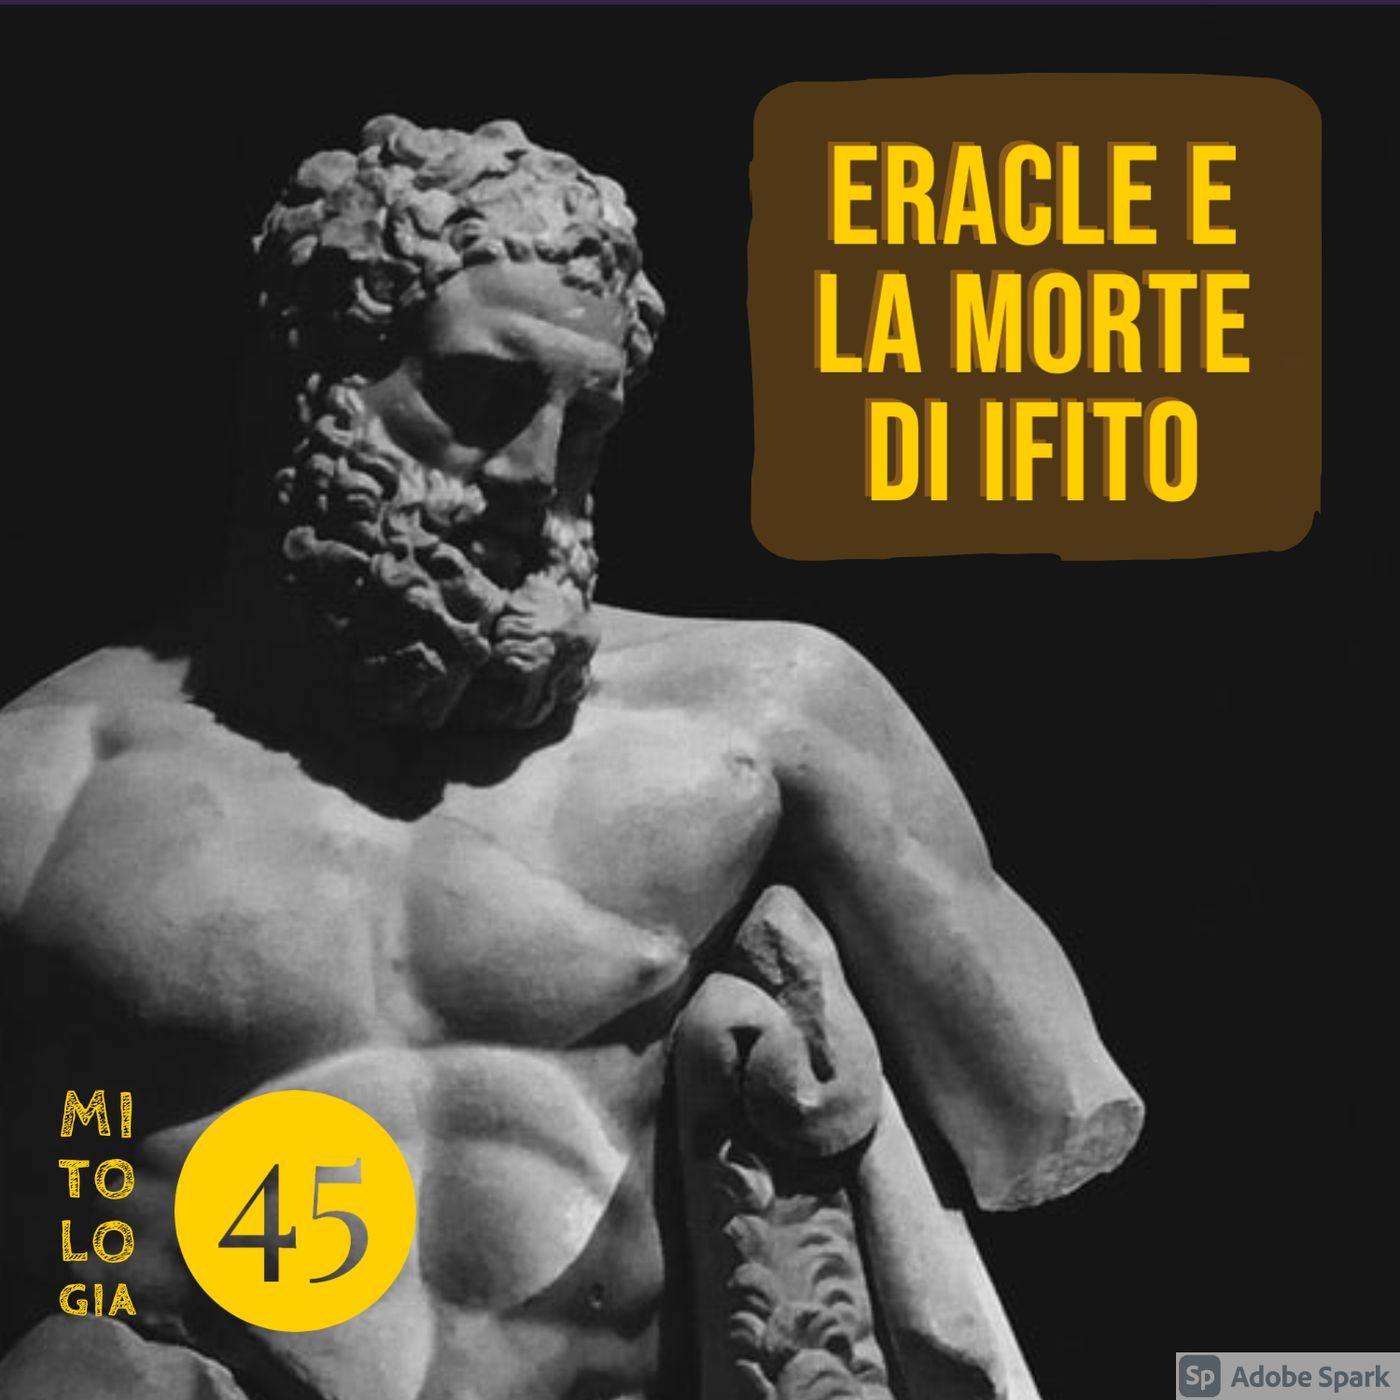 La morte di Ifito e la schiavitù di Eracle